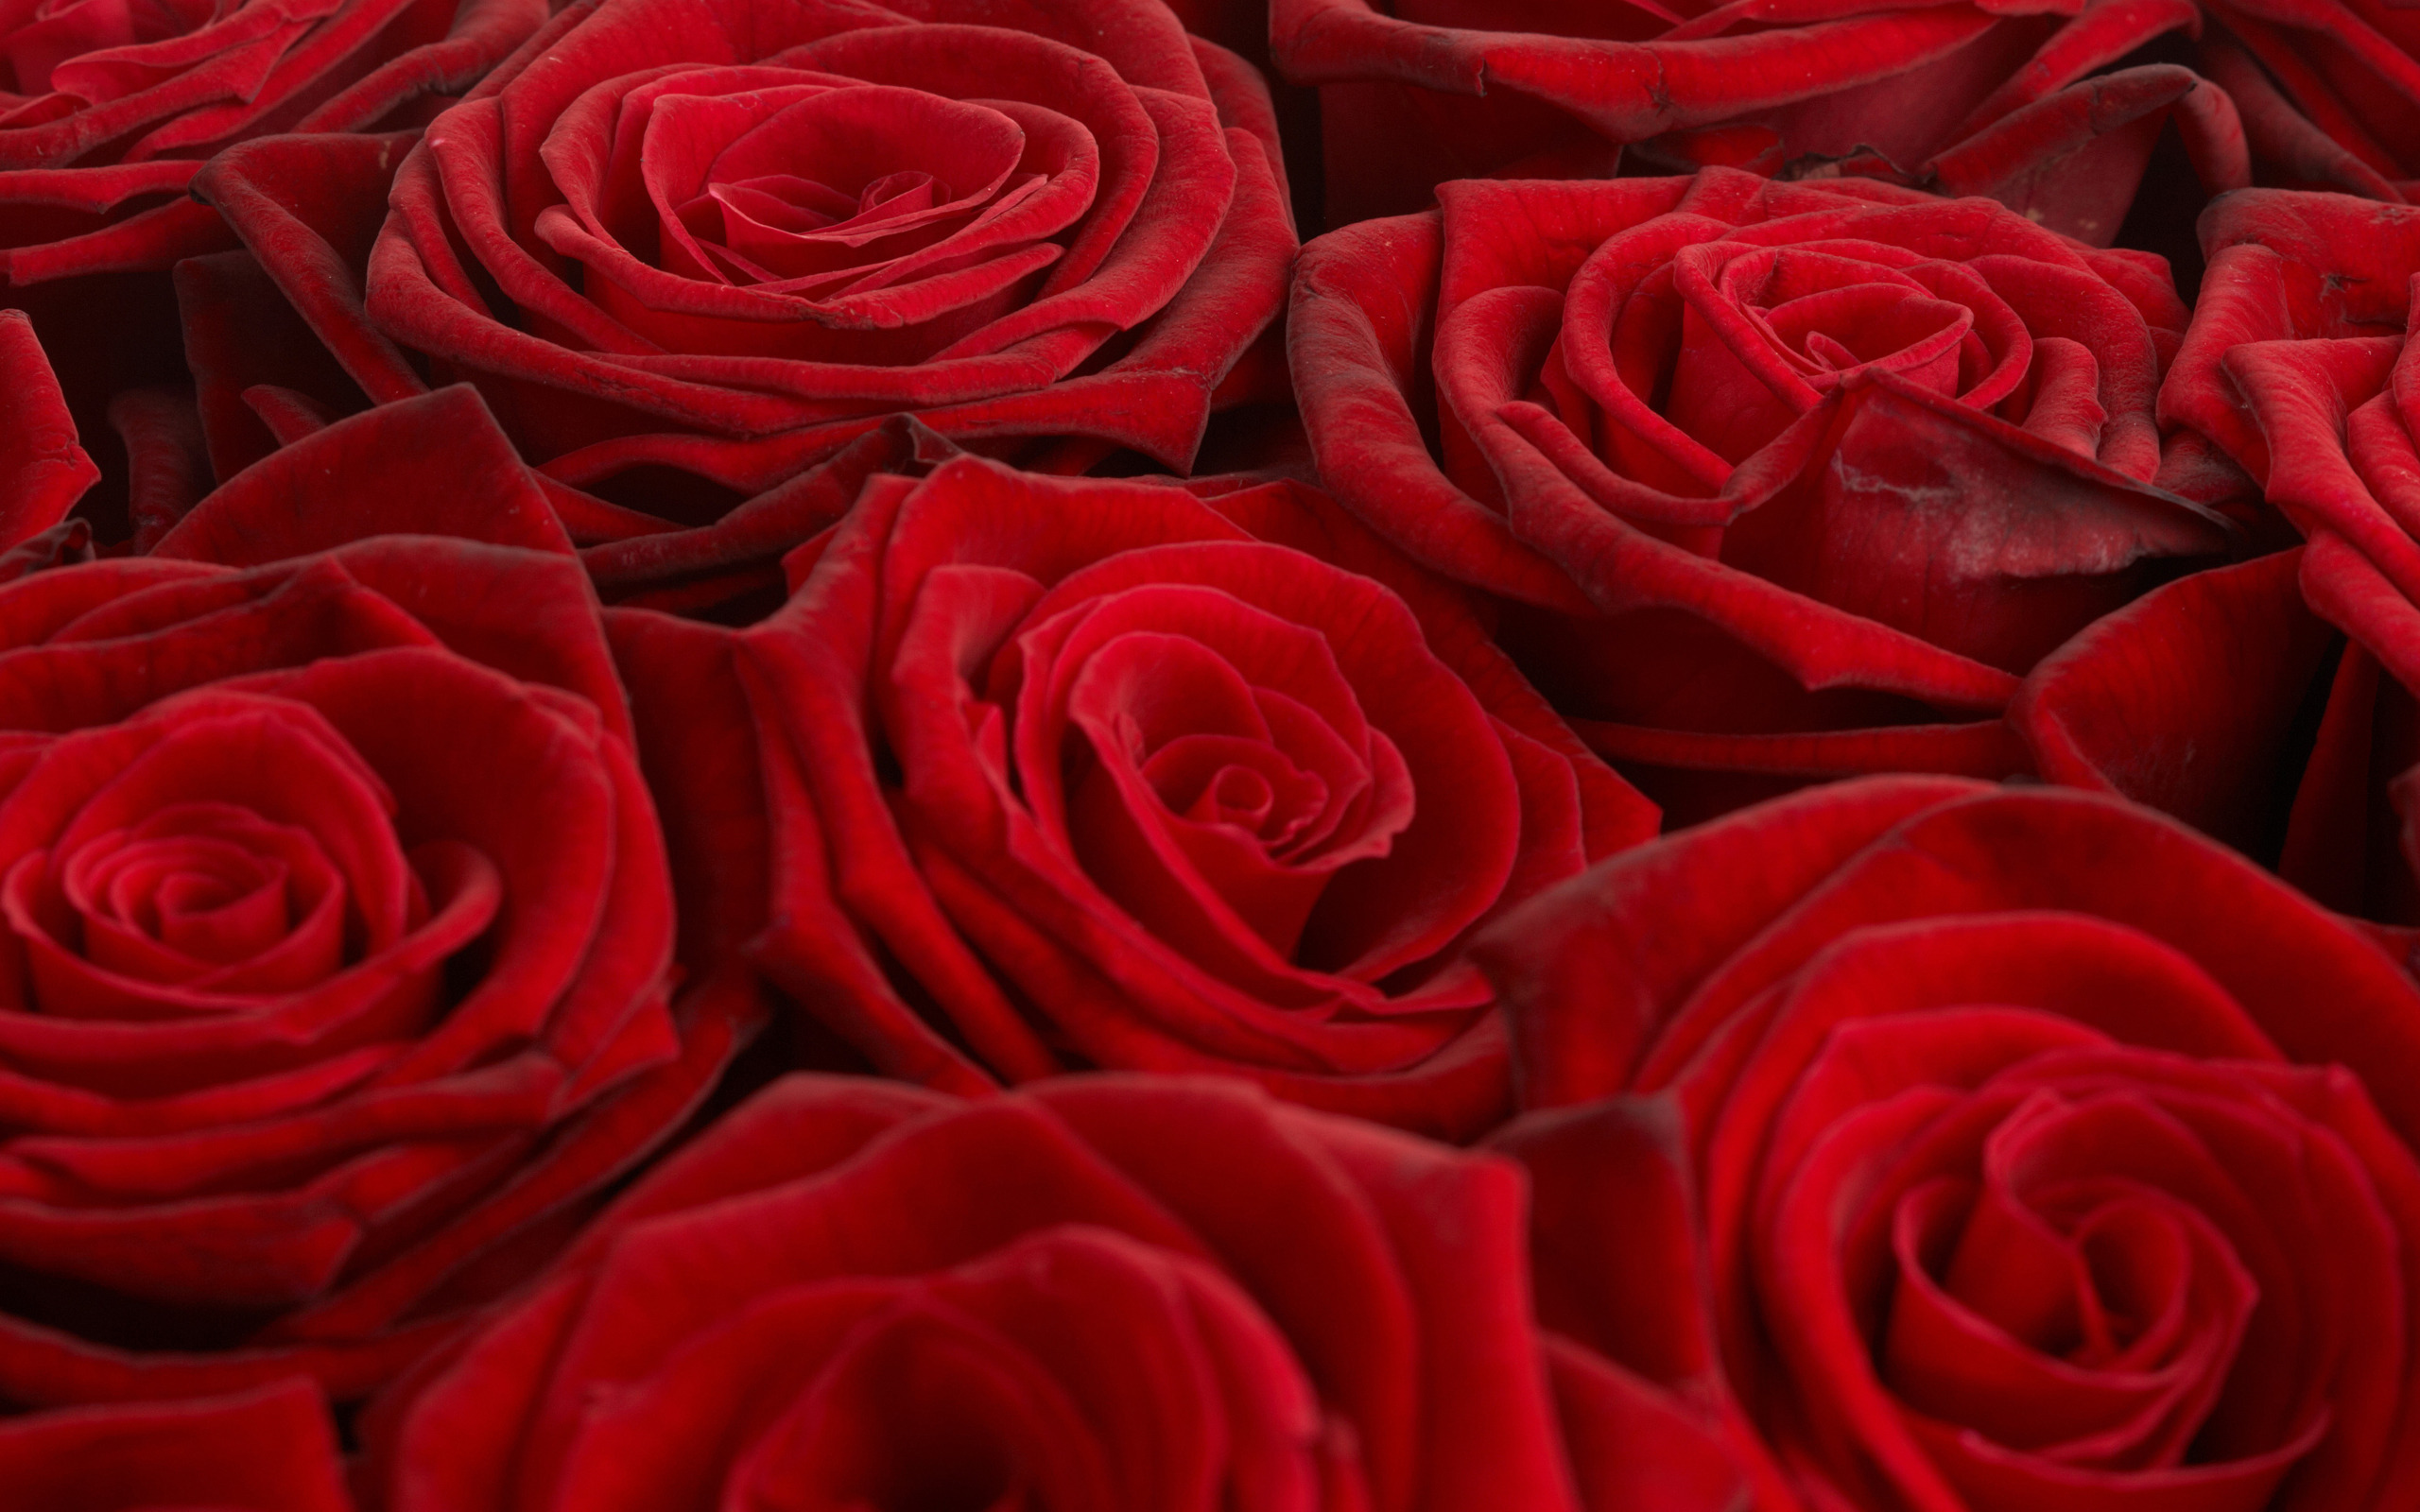 фото алой розы высокого качества основы профессиональной